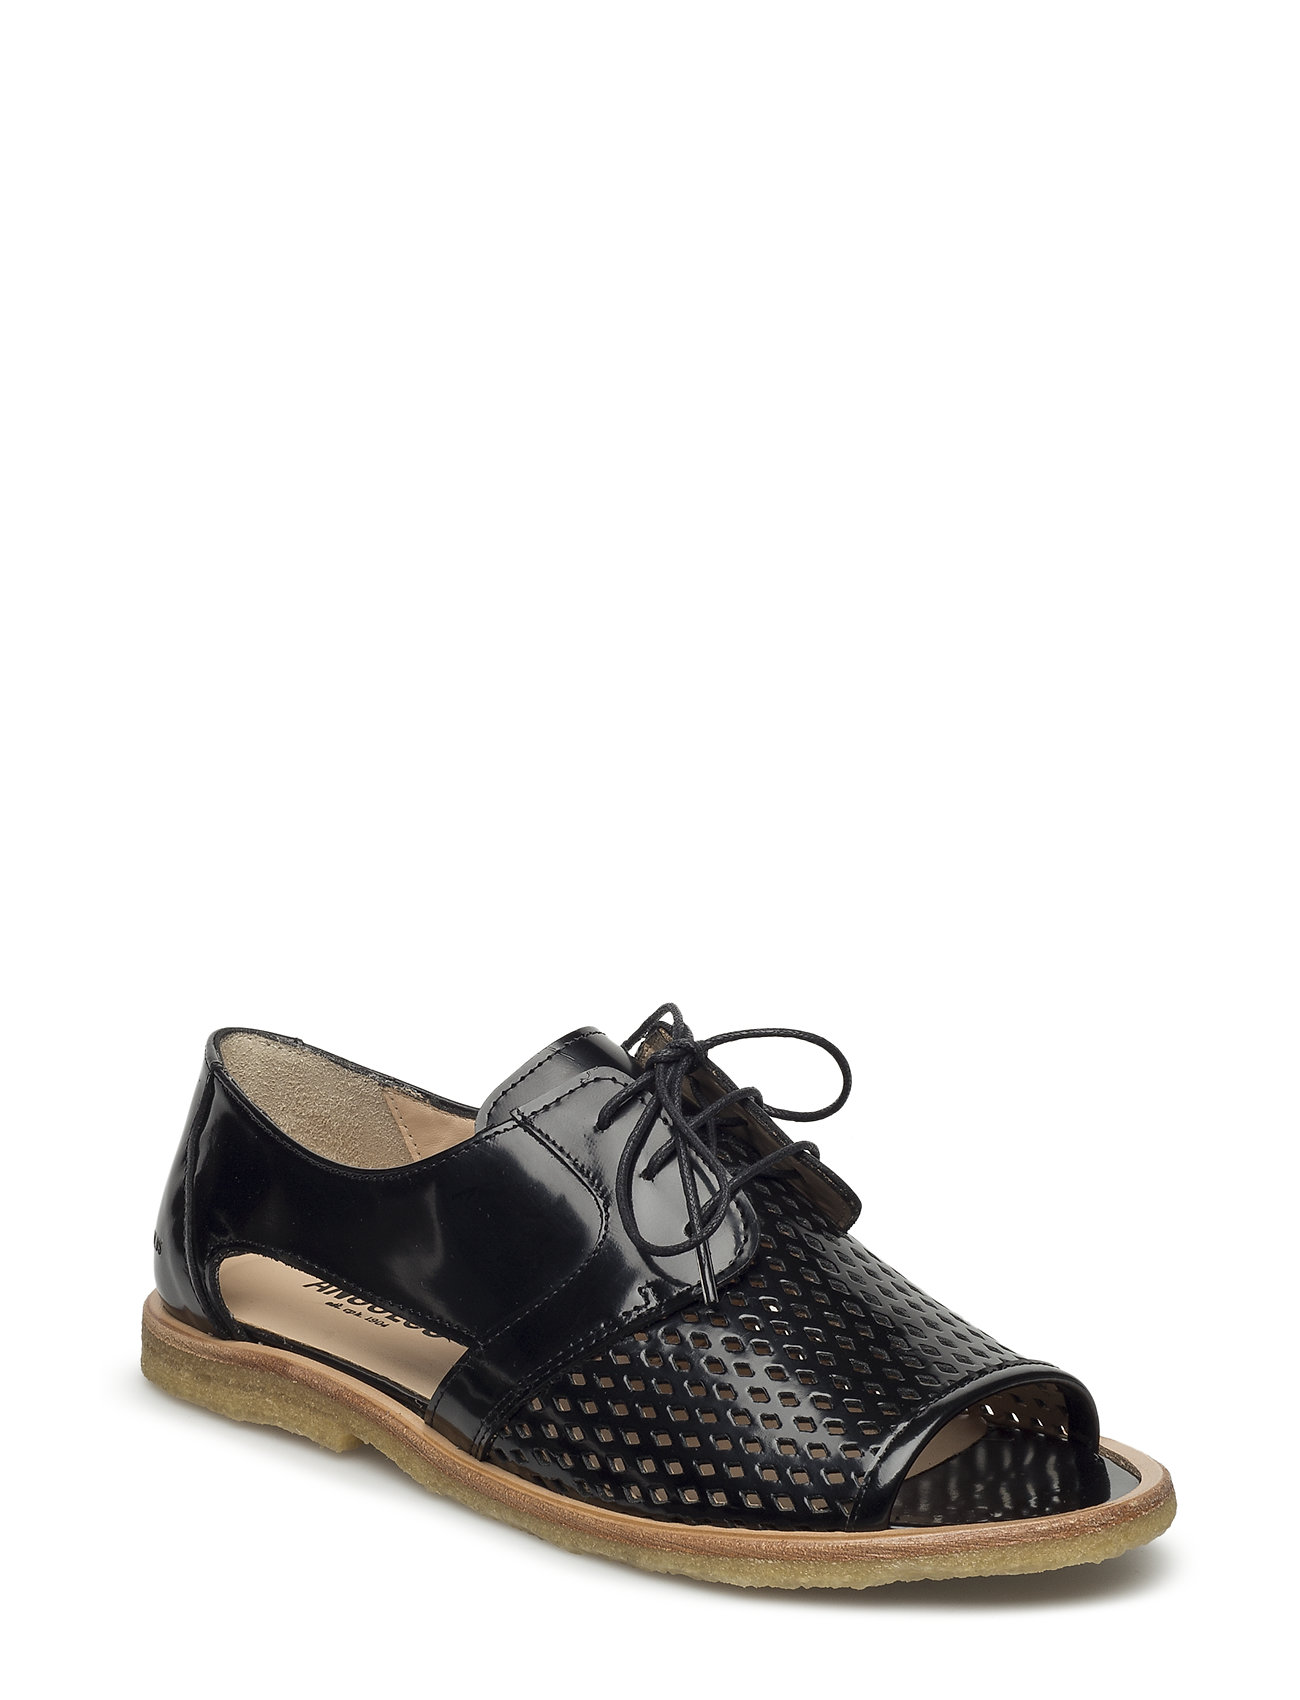 Sandals- Flat  - Open Toe -Closed Counter ANGULUS Sandaler til Kvinder i 1521 hvid